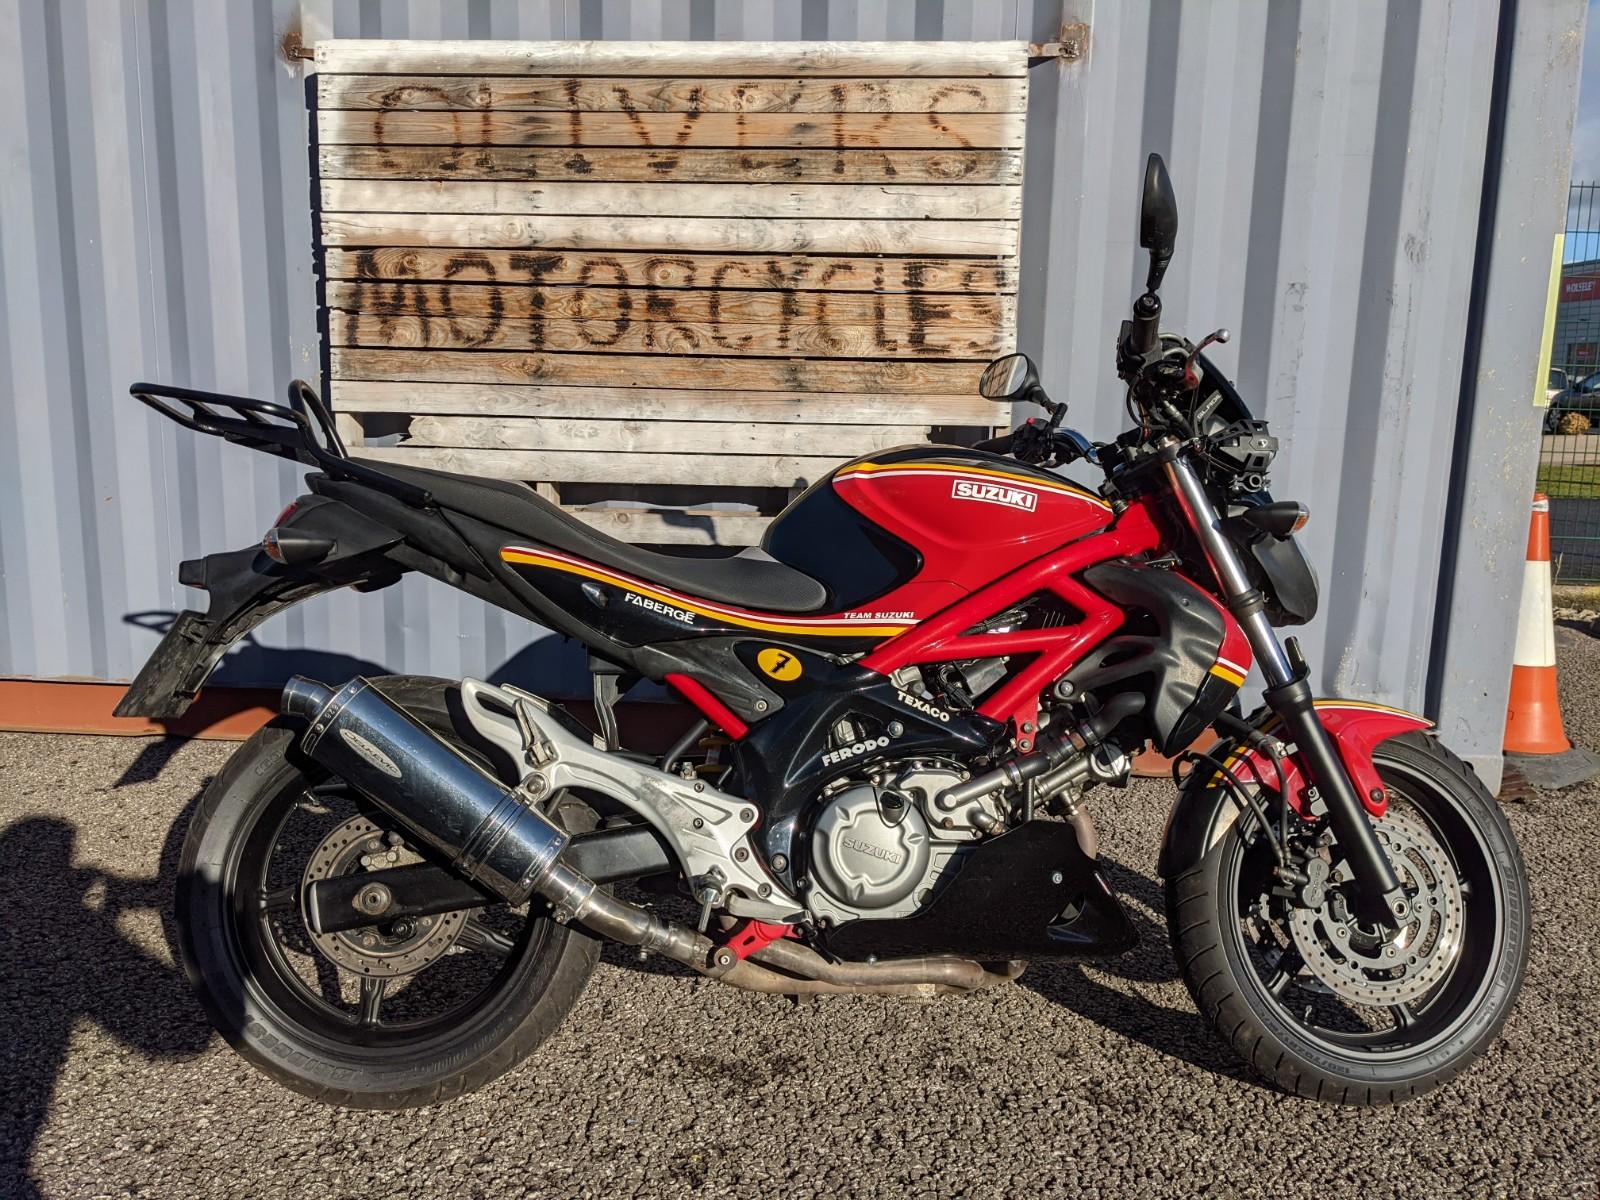 SUZUKI SV650 2011 £2895